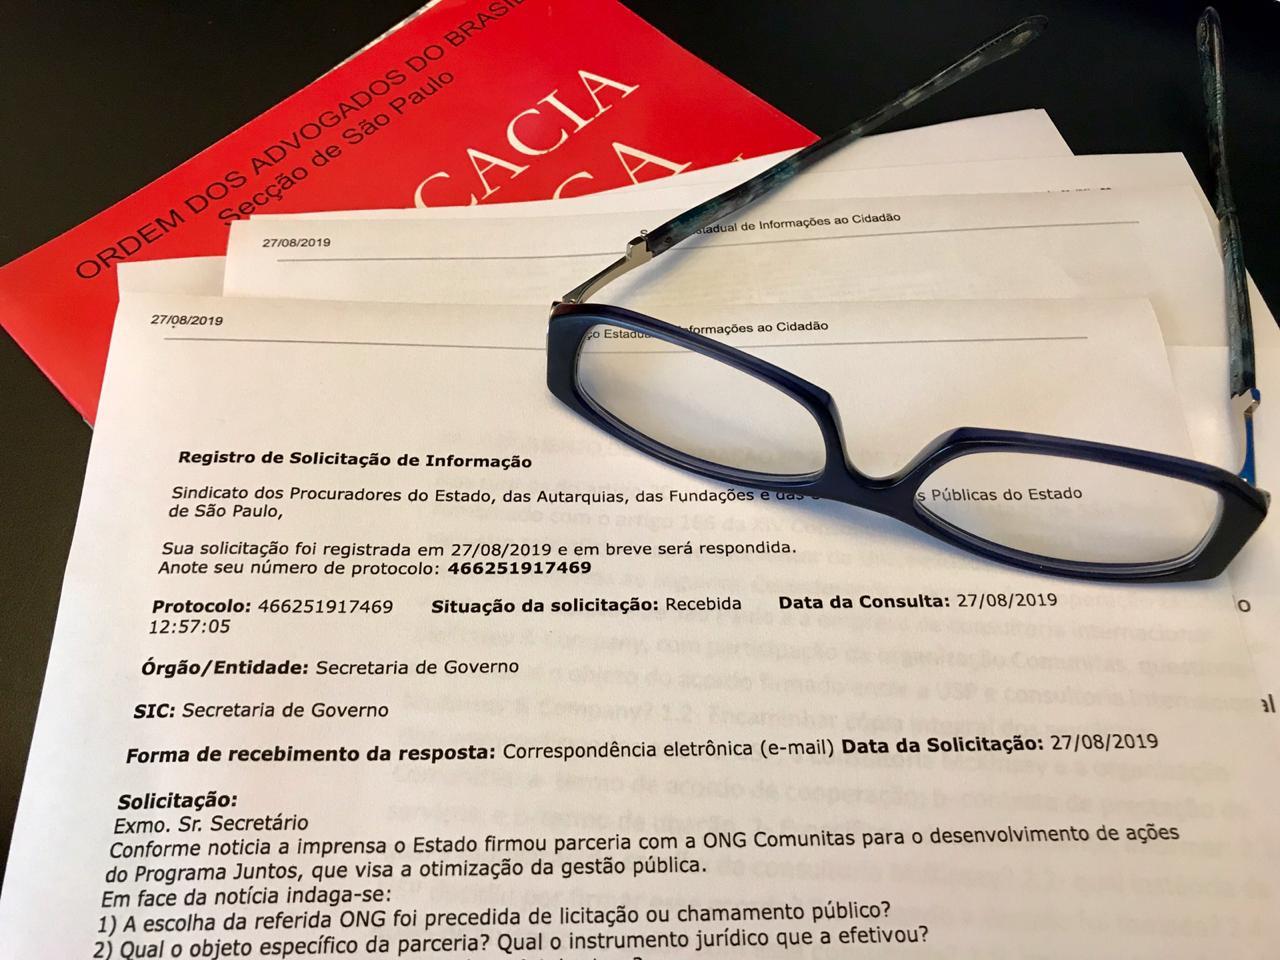 SINDIPROESP PEDE INFORMAÇÃO SOBRE PARCERIA DO ESTADO COM ONG COMUNITAS